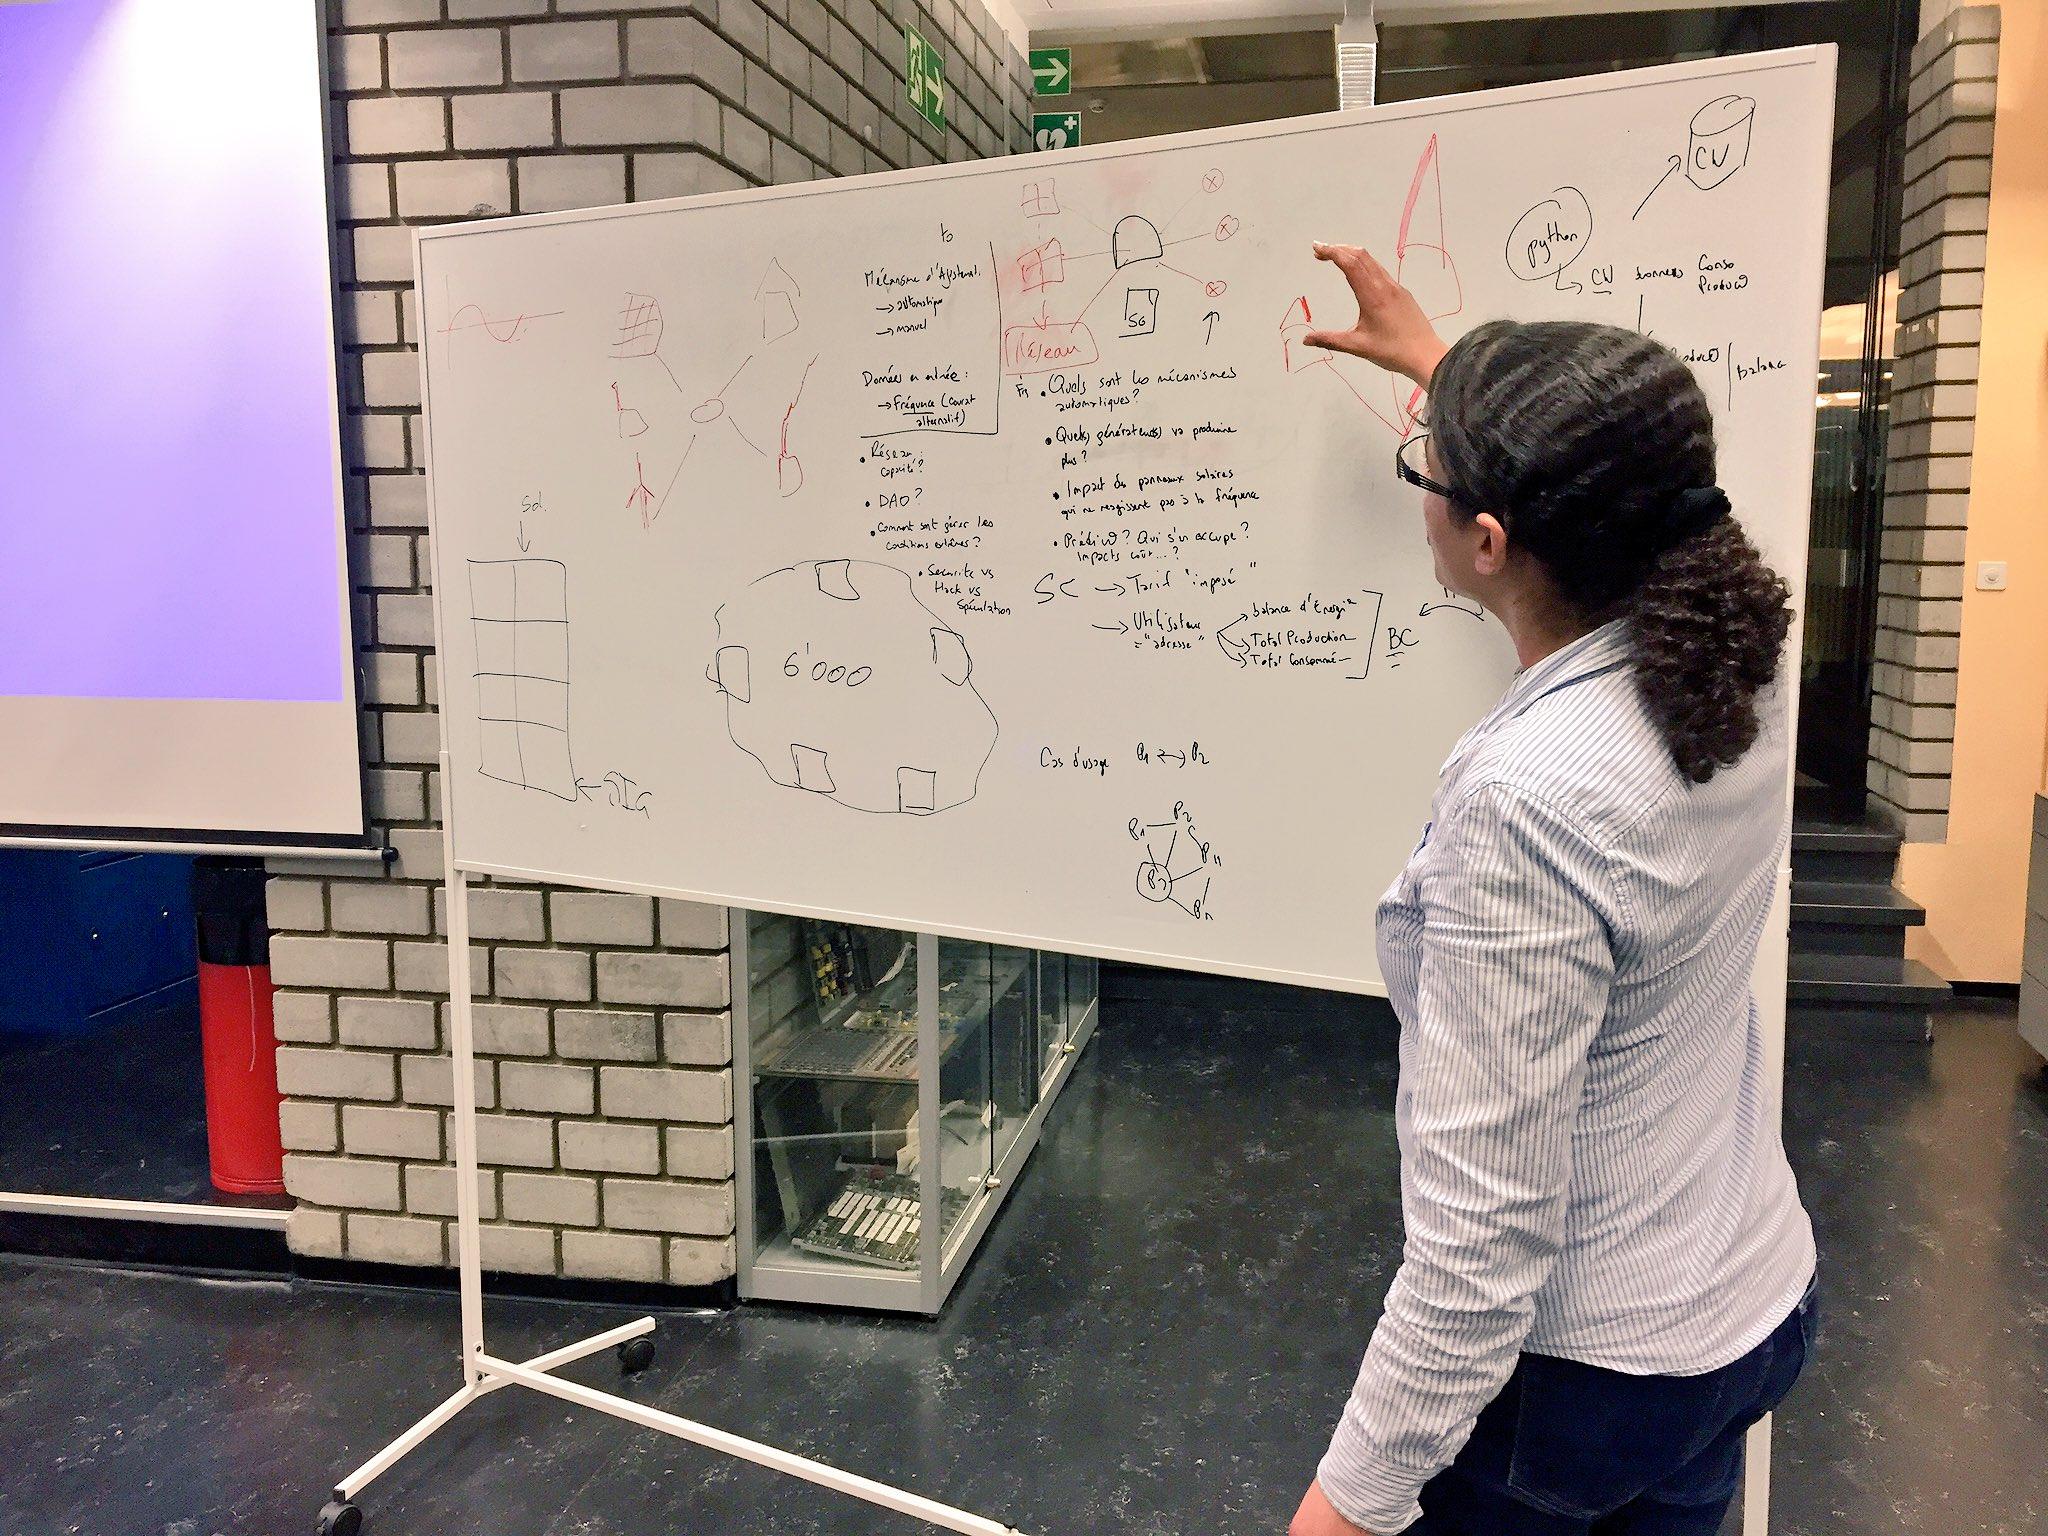 """[Pic] #UrbanEntrepreneurs Le groupe """"technique"""" s'est intéressé aux problématiques de gestion / stabilité du réseau (électrique). https://t.co/a2WPGsPS8w"""